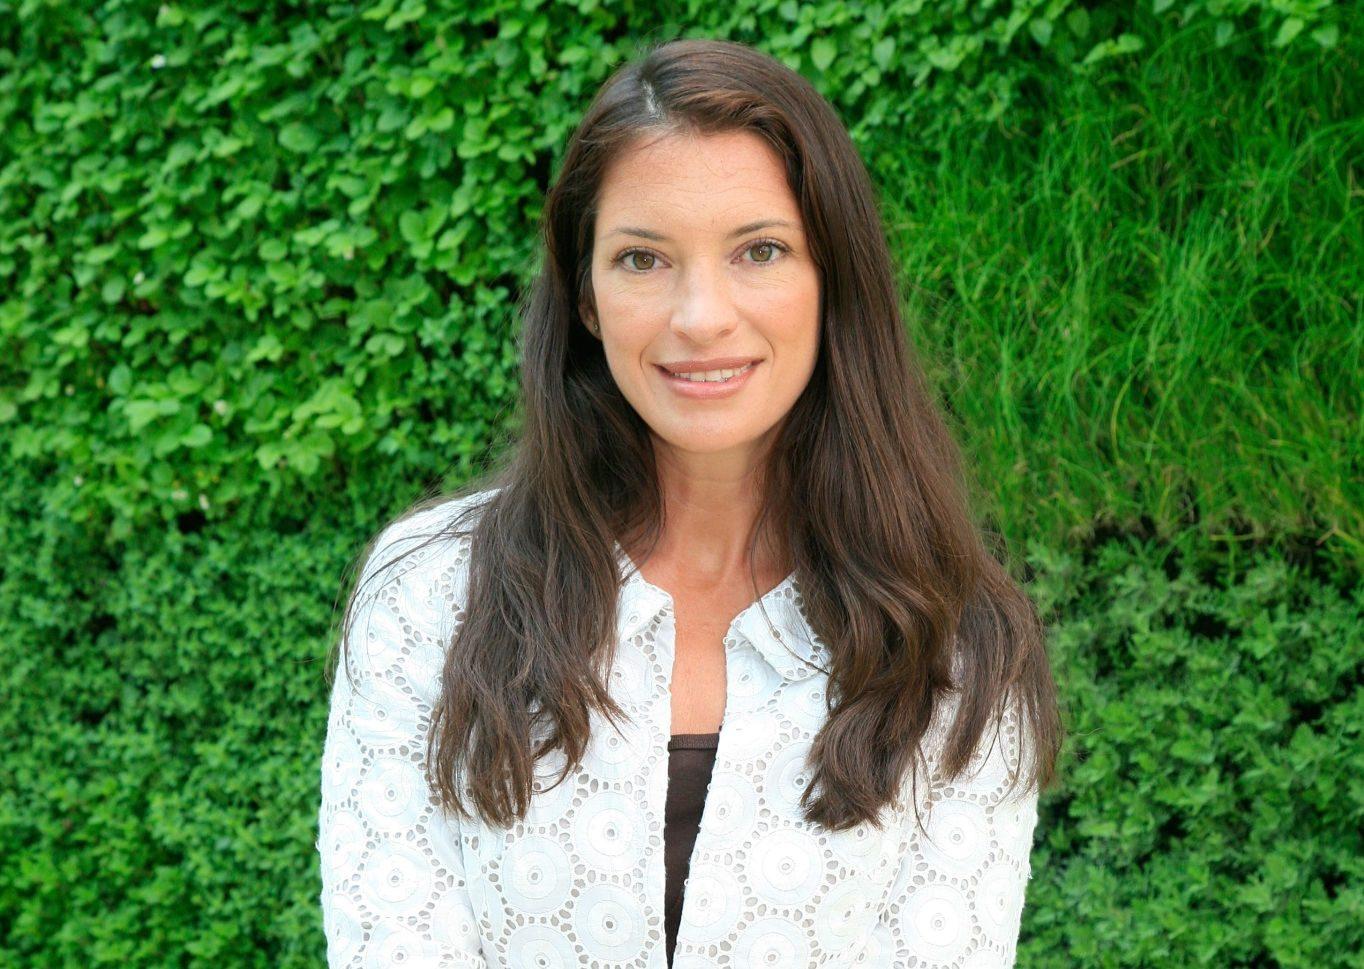 Is Rachel De Thame Pregnant In 2021?